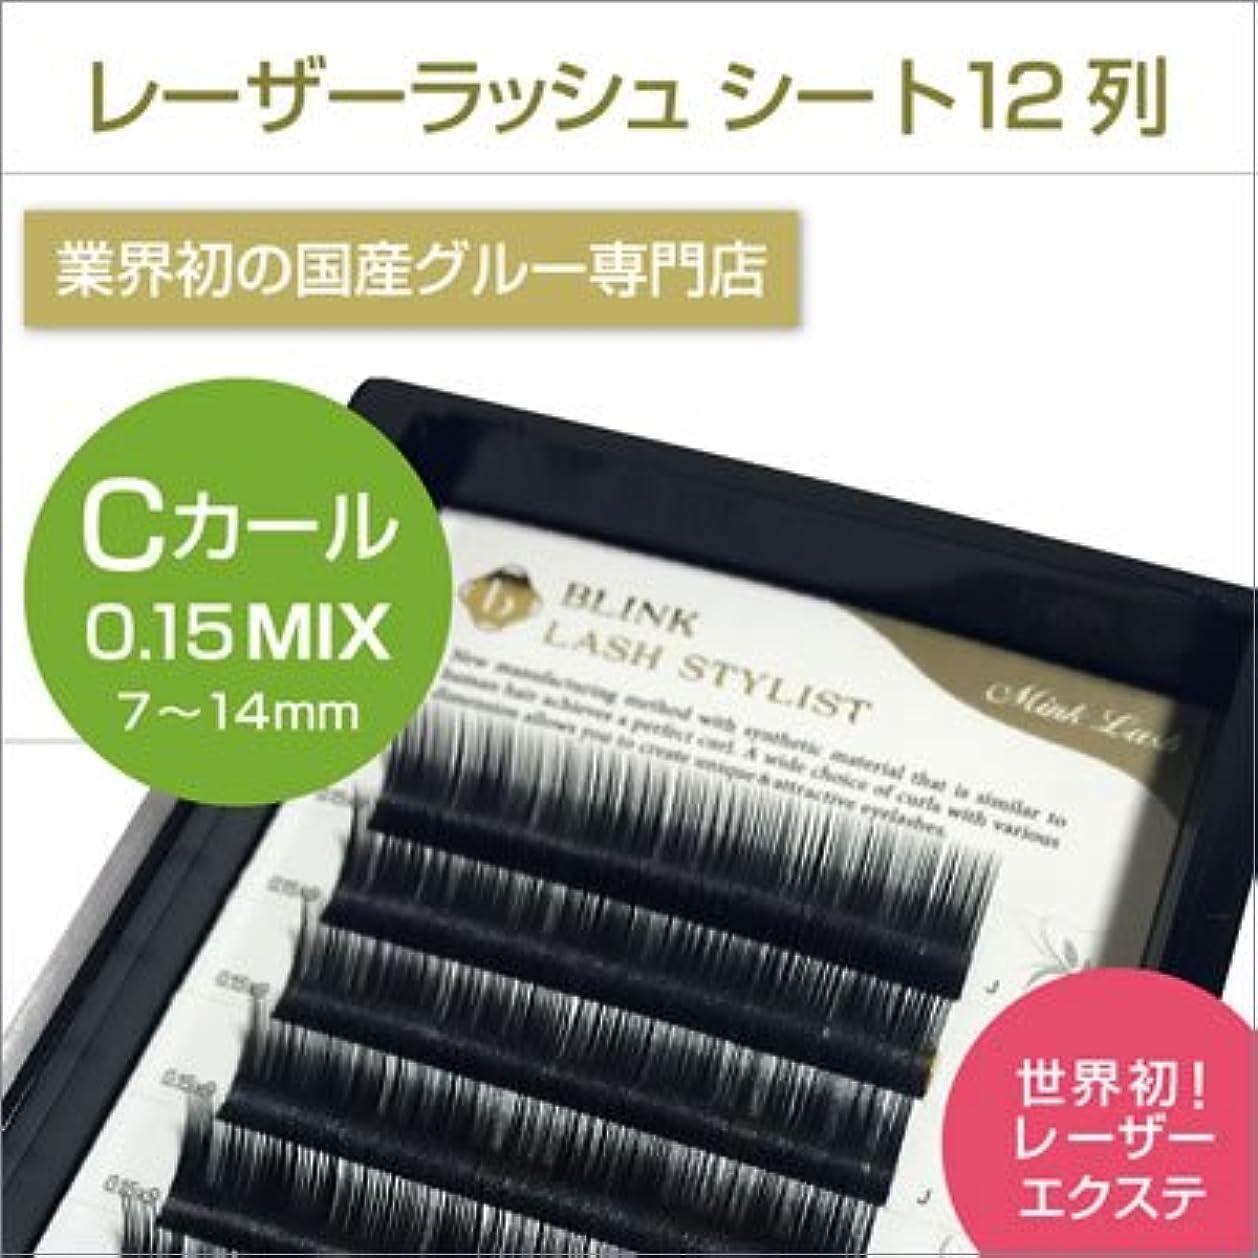 休日バードラマorlo(オルロ) レーザーエクステ ミンクラッシュ MIX Cカール 0.15mm×7mm~14mm